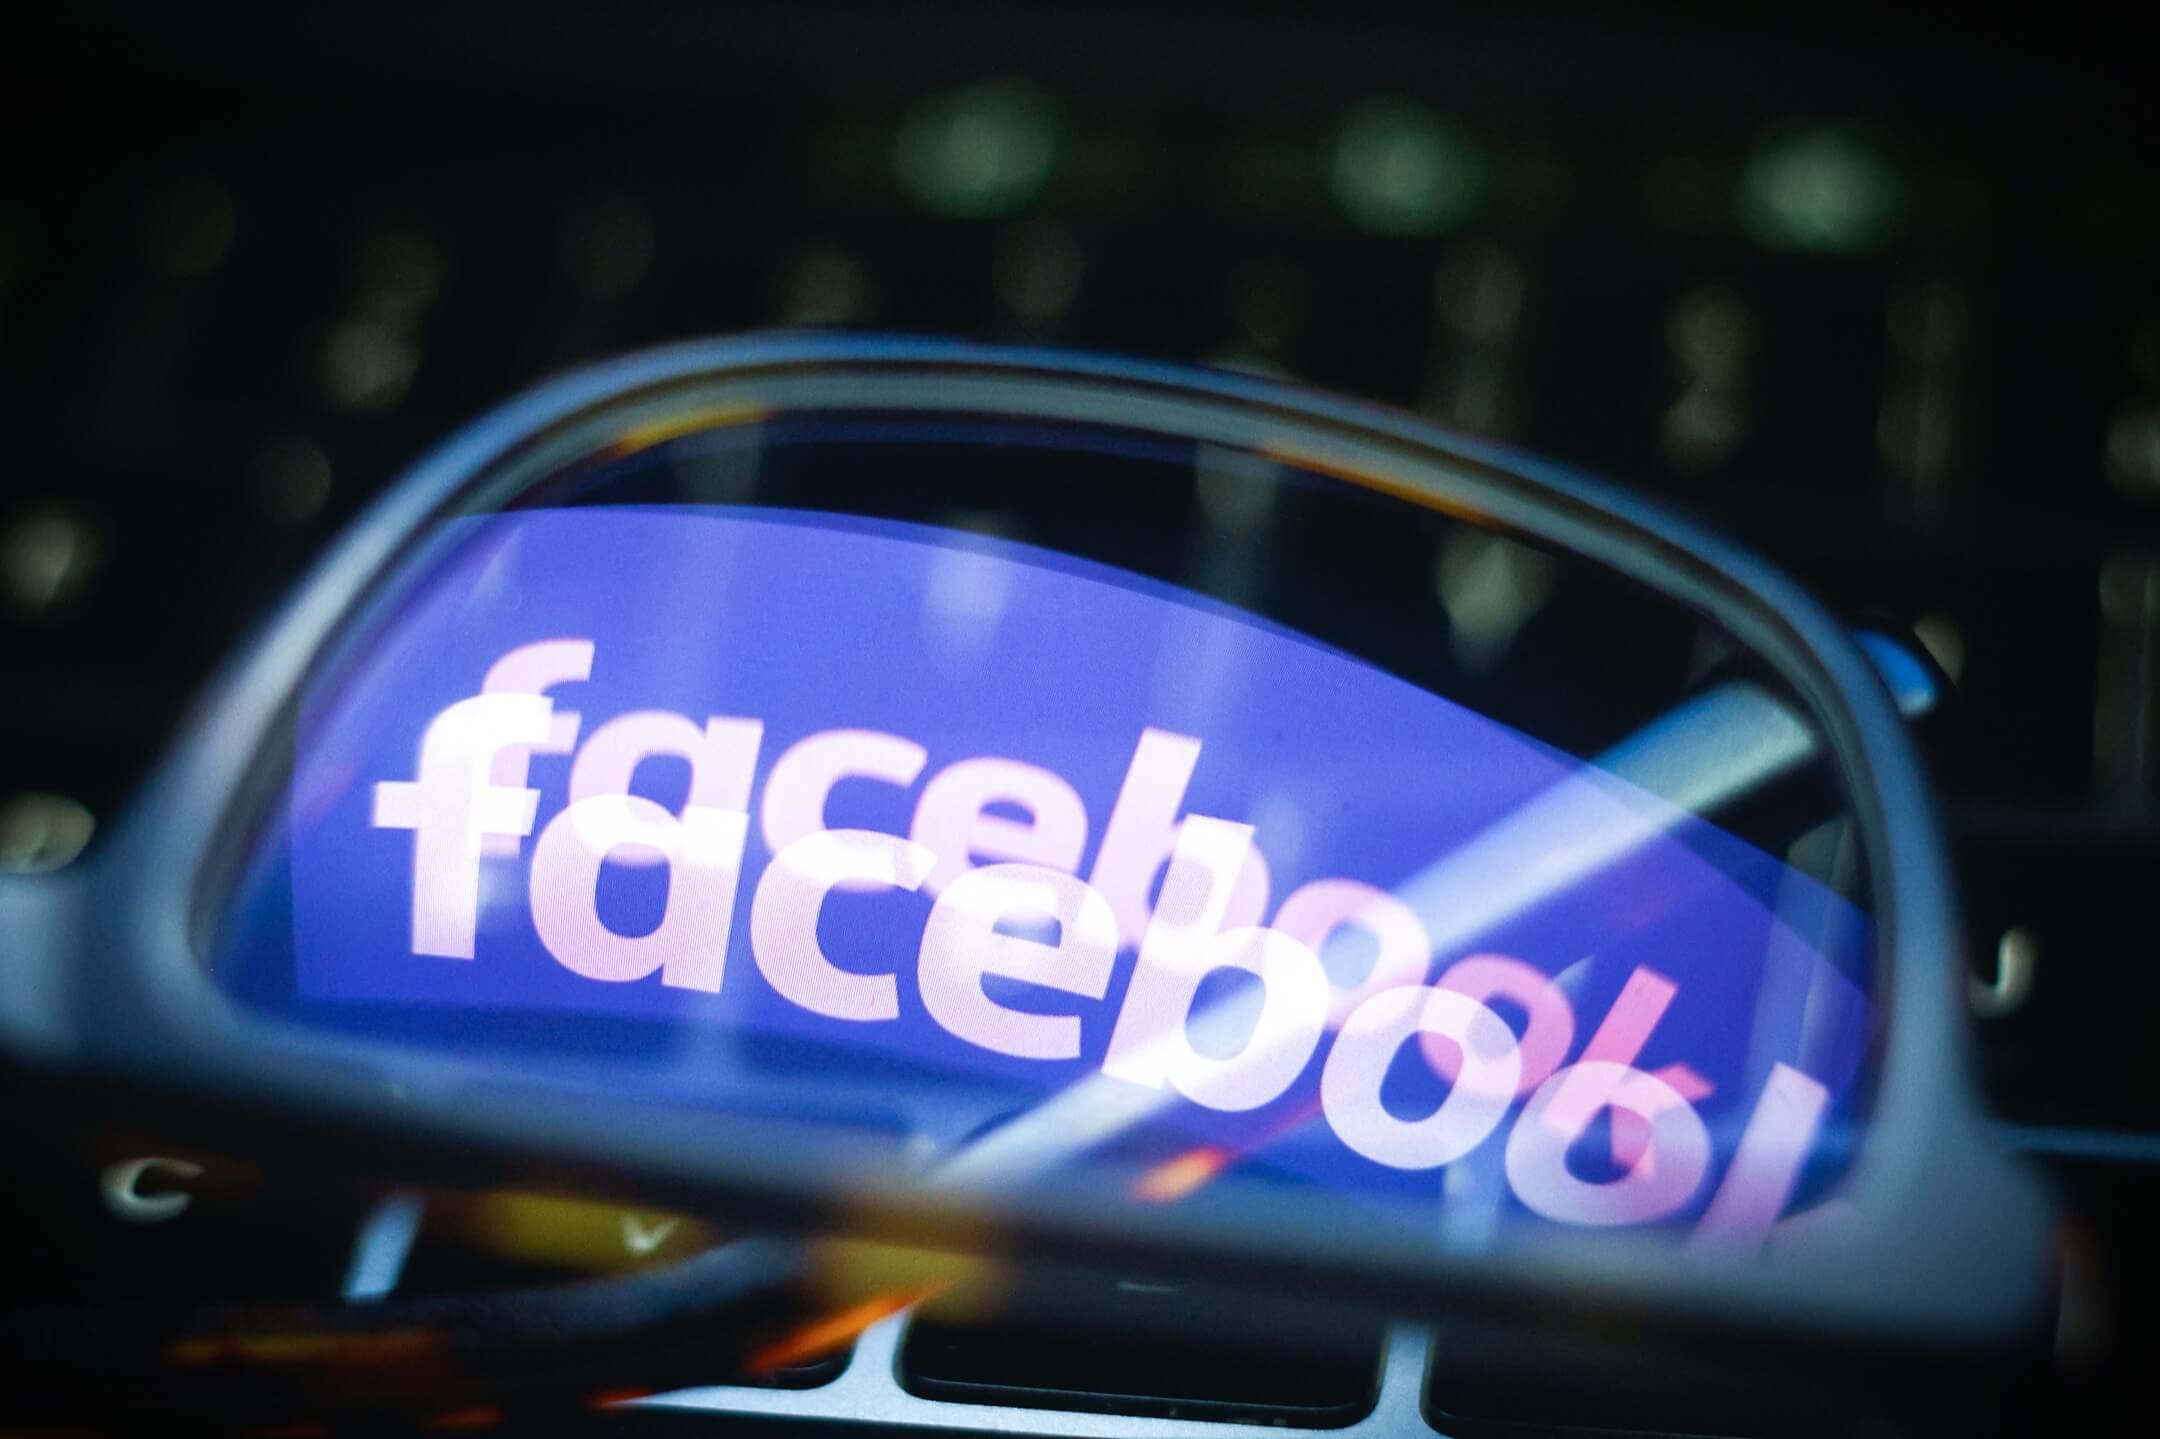 2018年的算法改變影響了Facebook的動態消息這一核心功能,這是一個不斷更新的、個性化的內容流,隨著用戶滾輪螢幕穿插顯示其朋友的家庭照片和新聞文章。 攝:Jaap Arriens/NurPhoto via Getty Images